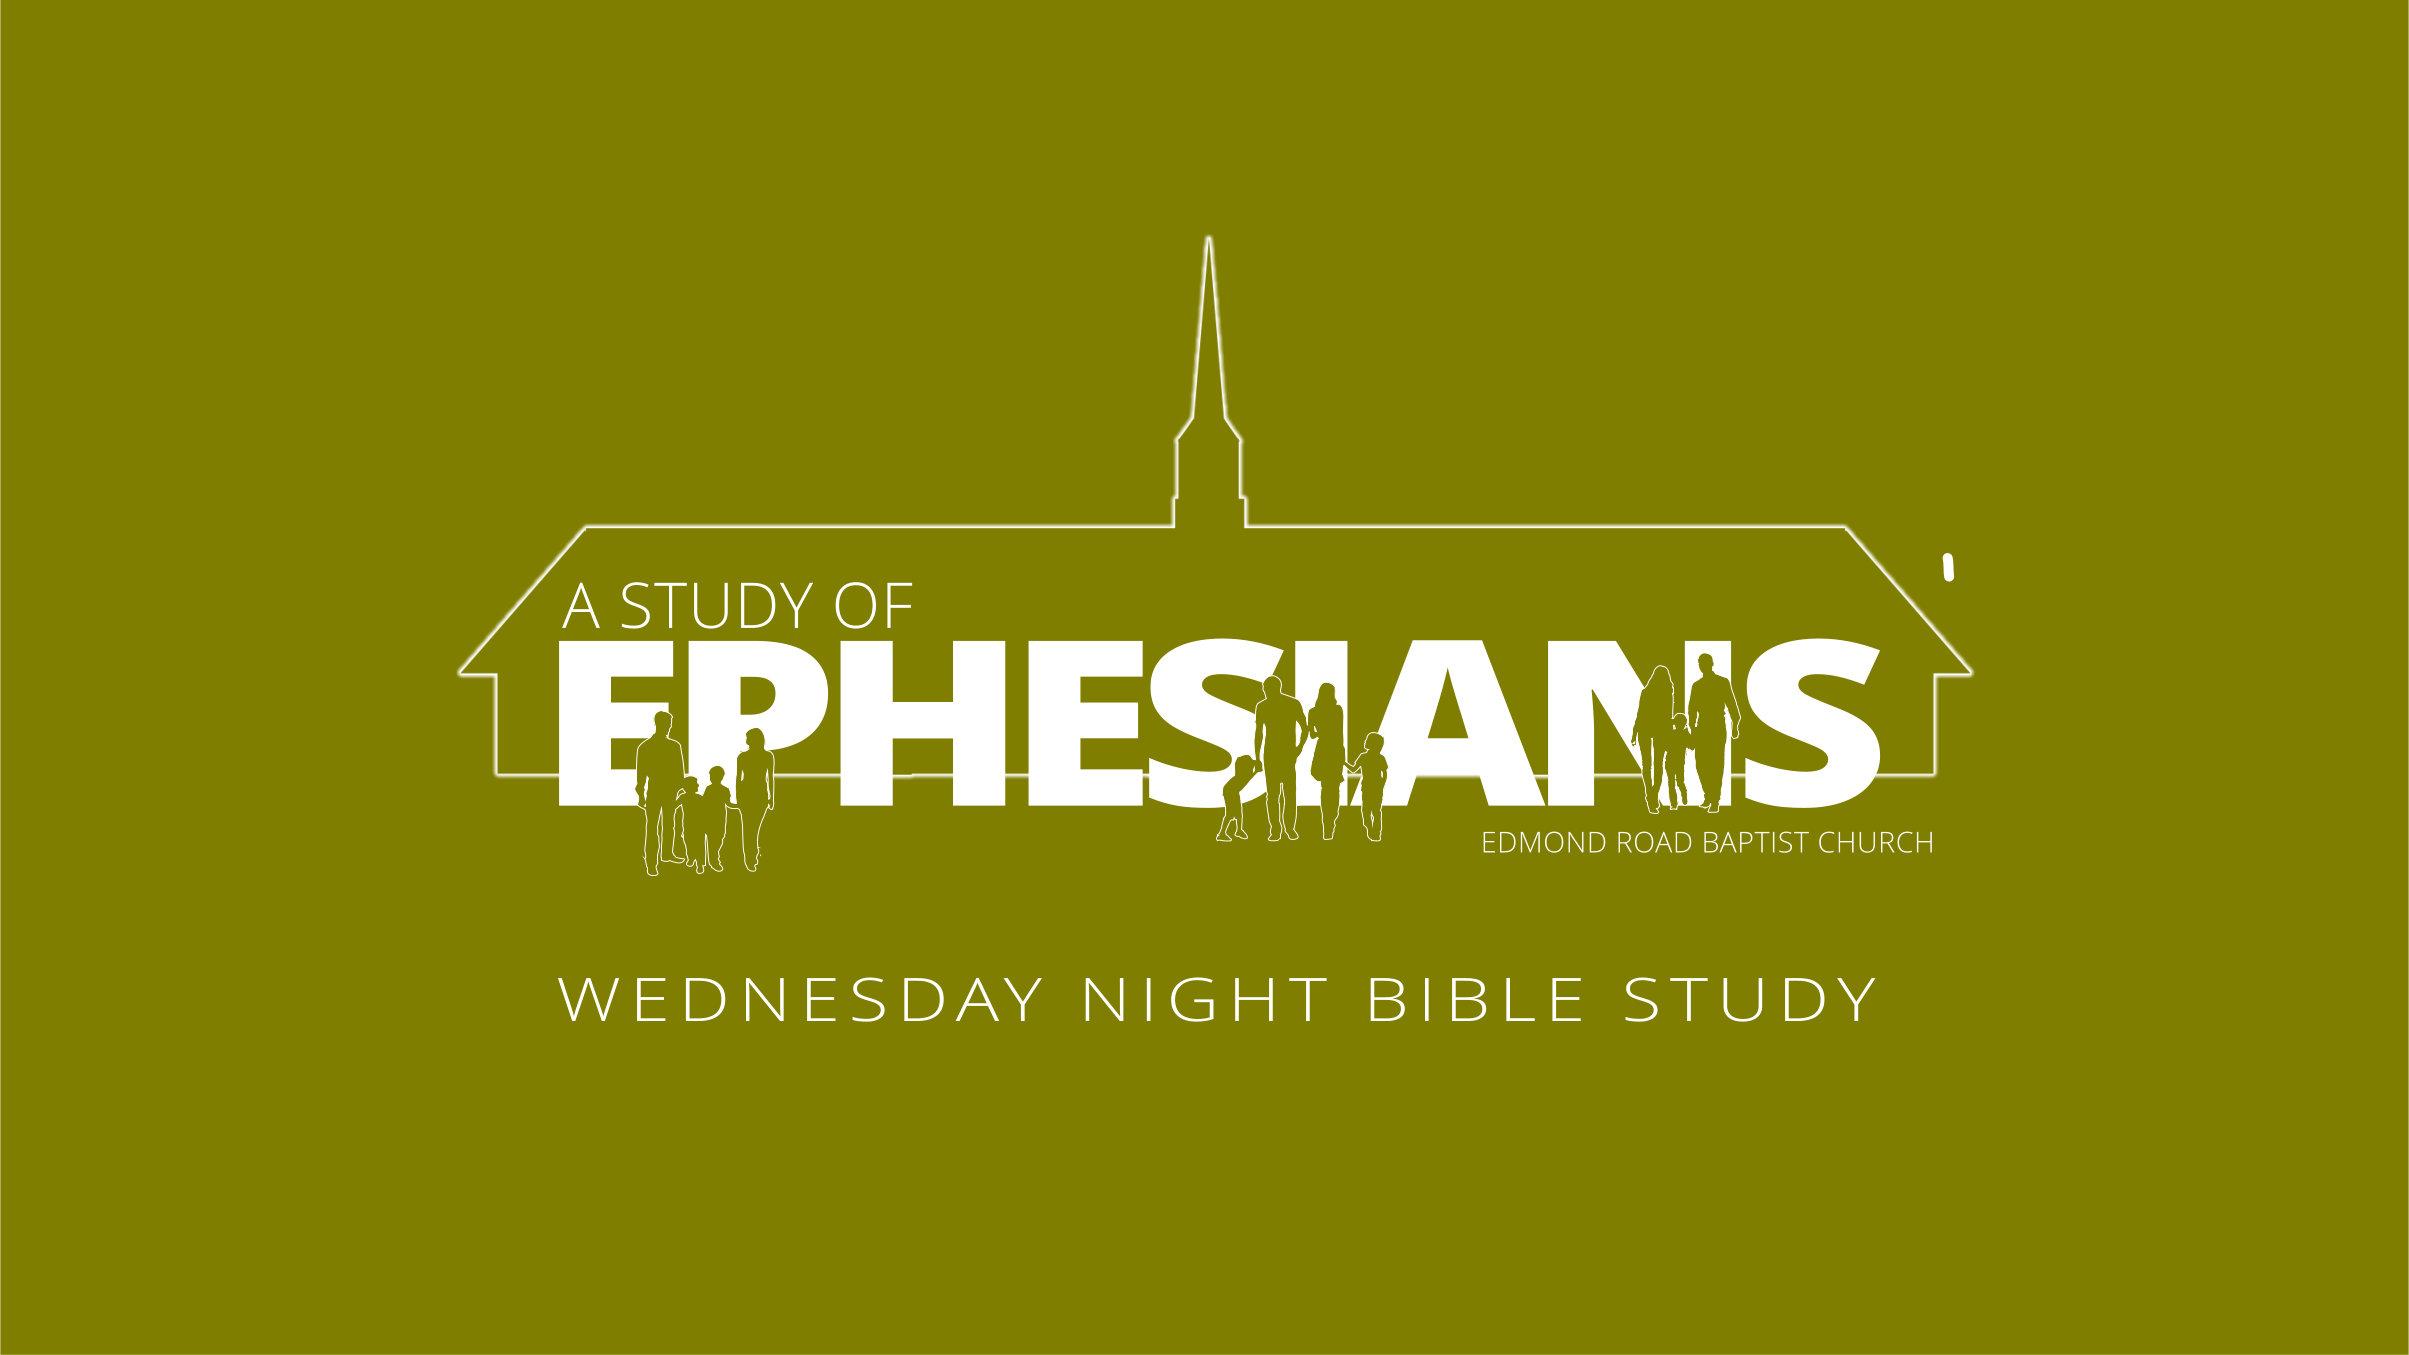 EPHESIANS WEBSITE